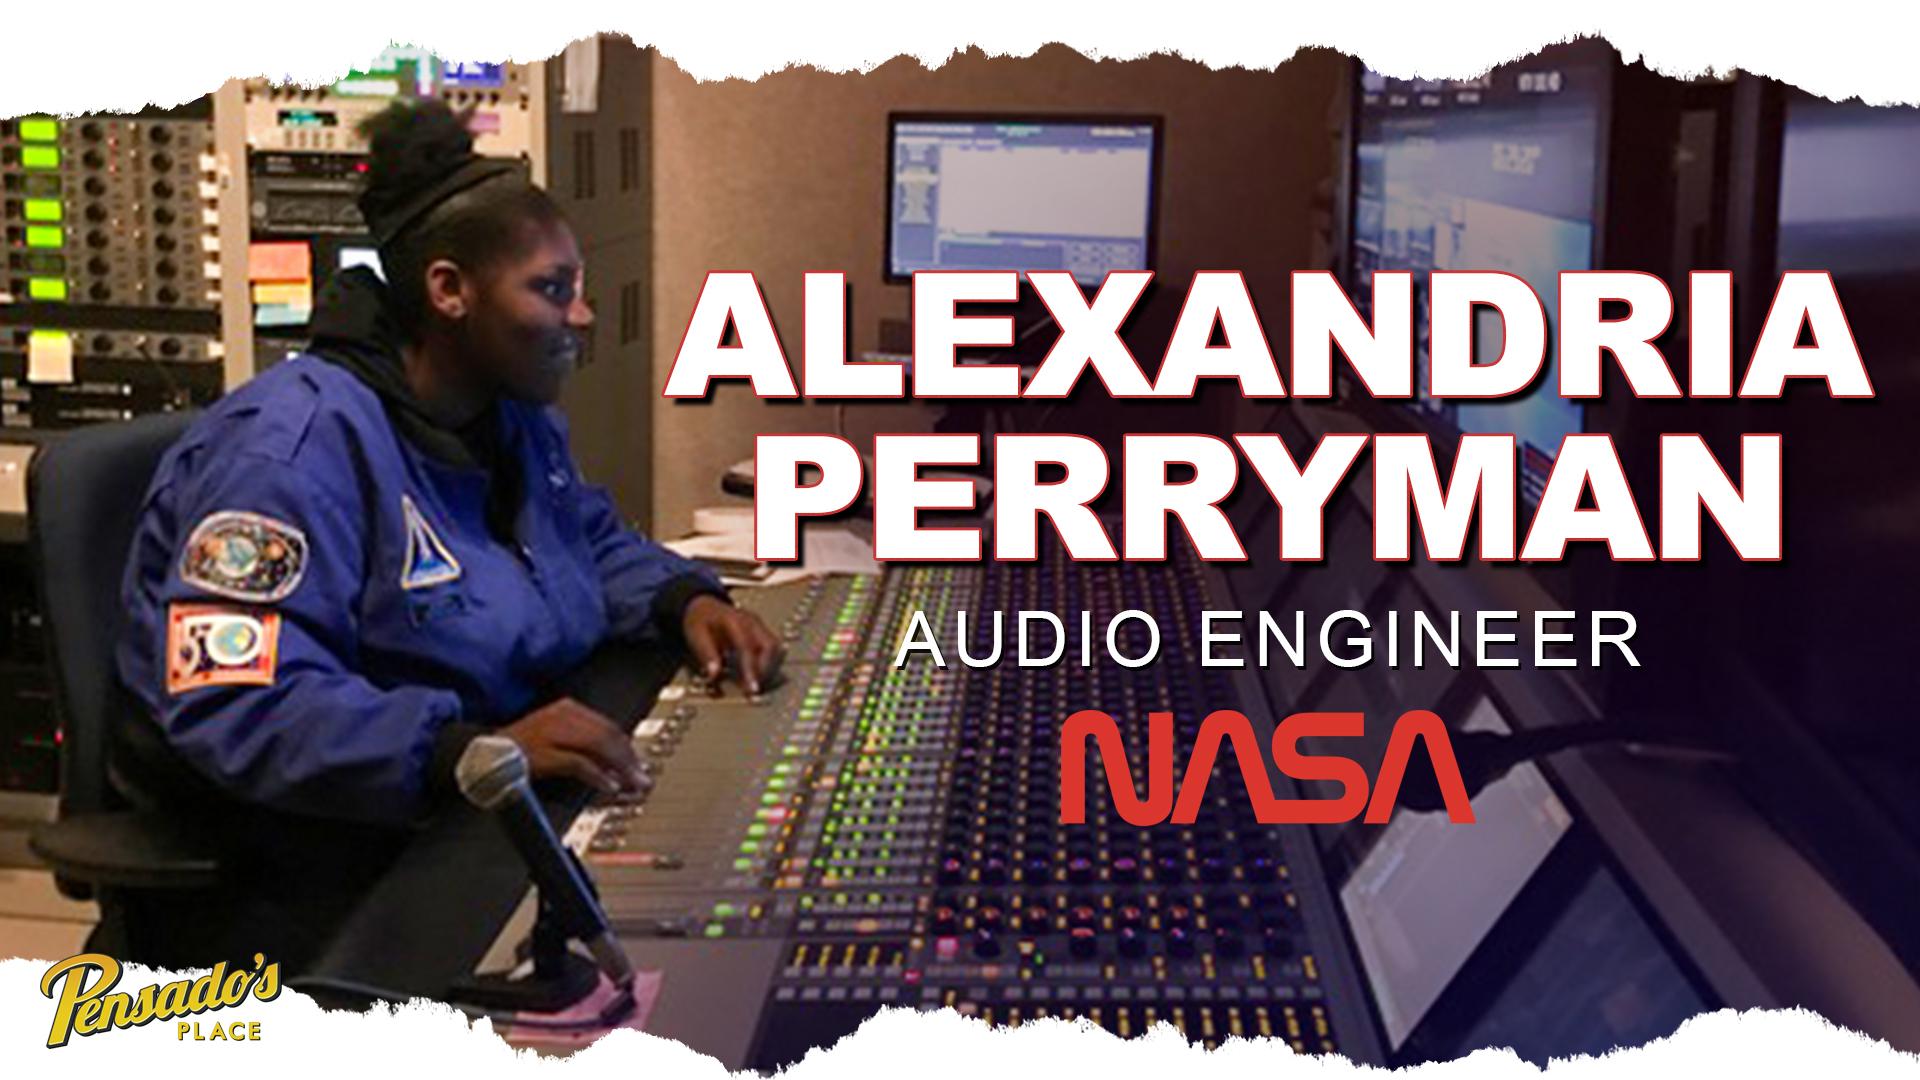 NASA Audio Engineer, Alexandria Perryman